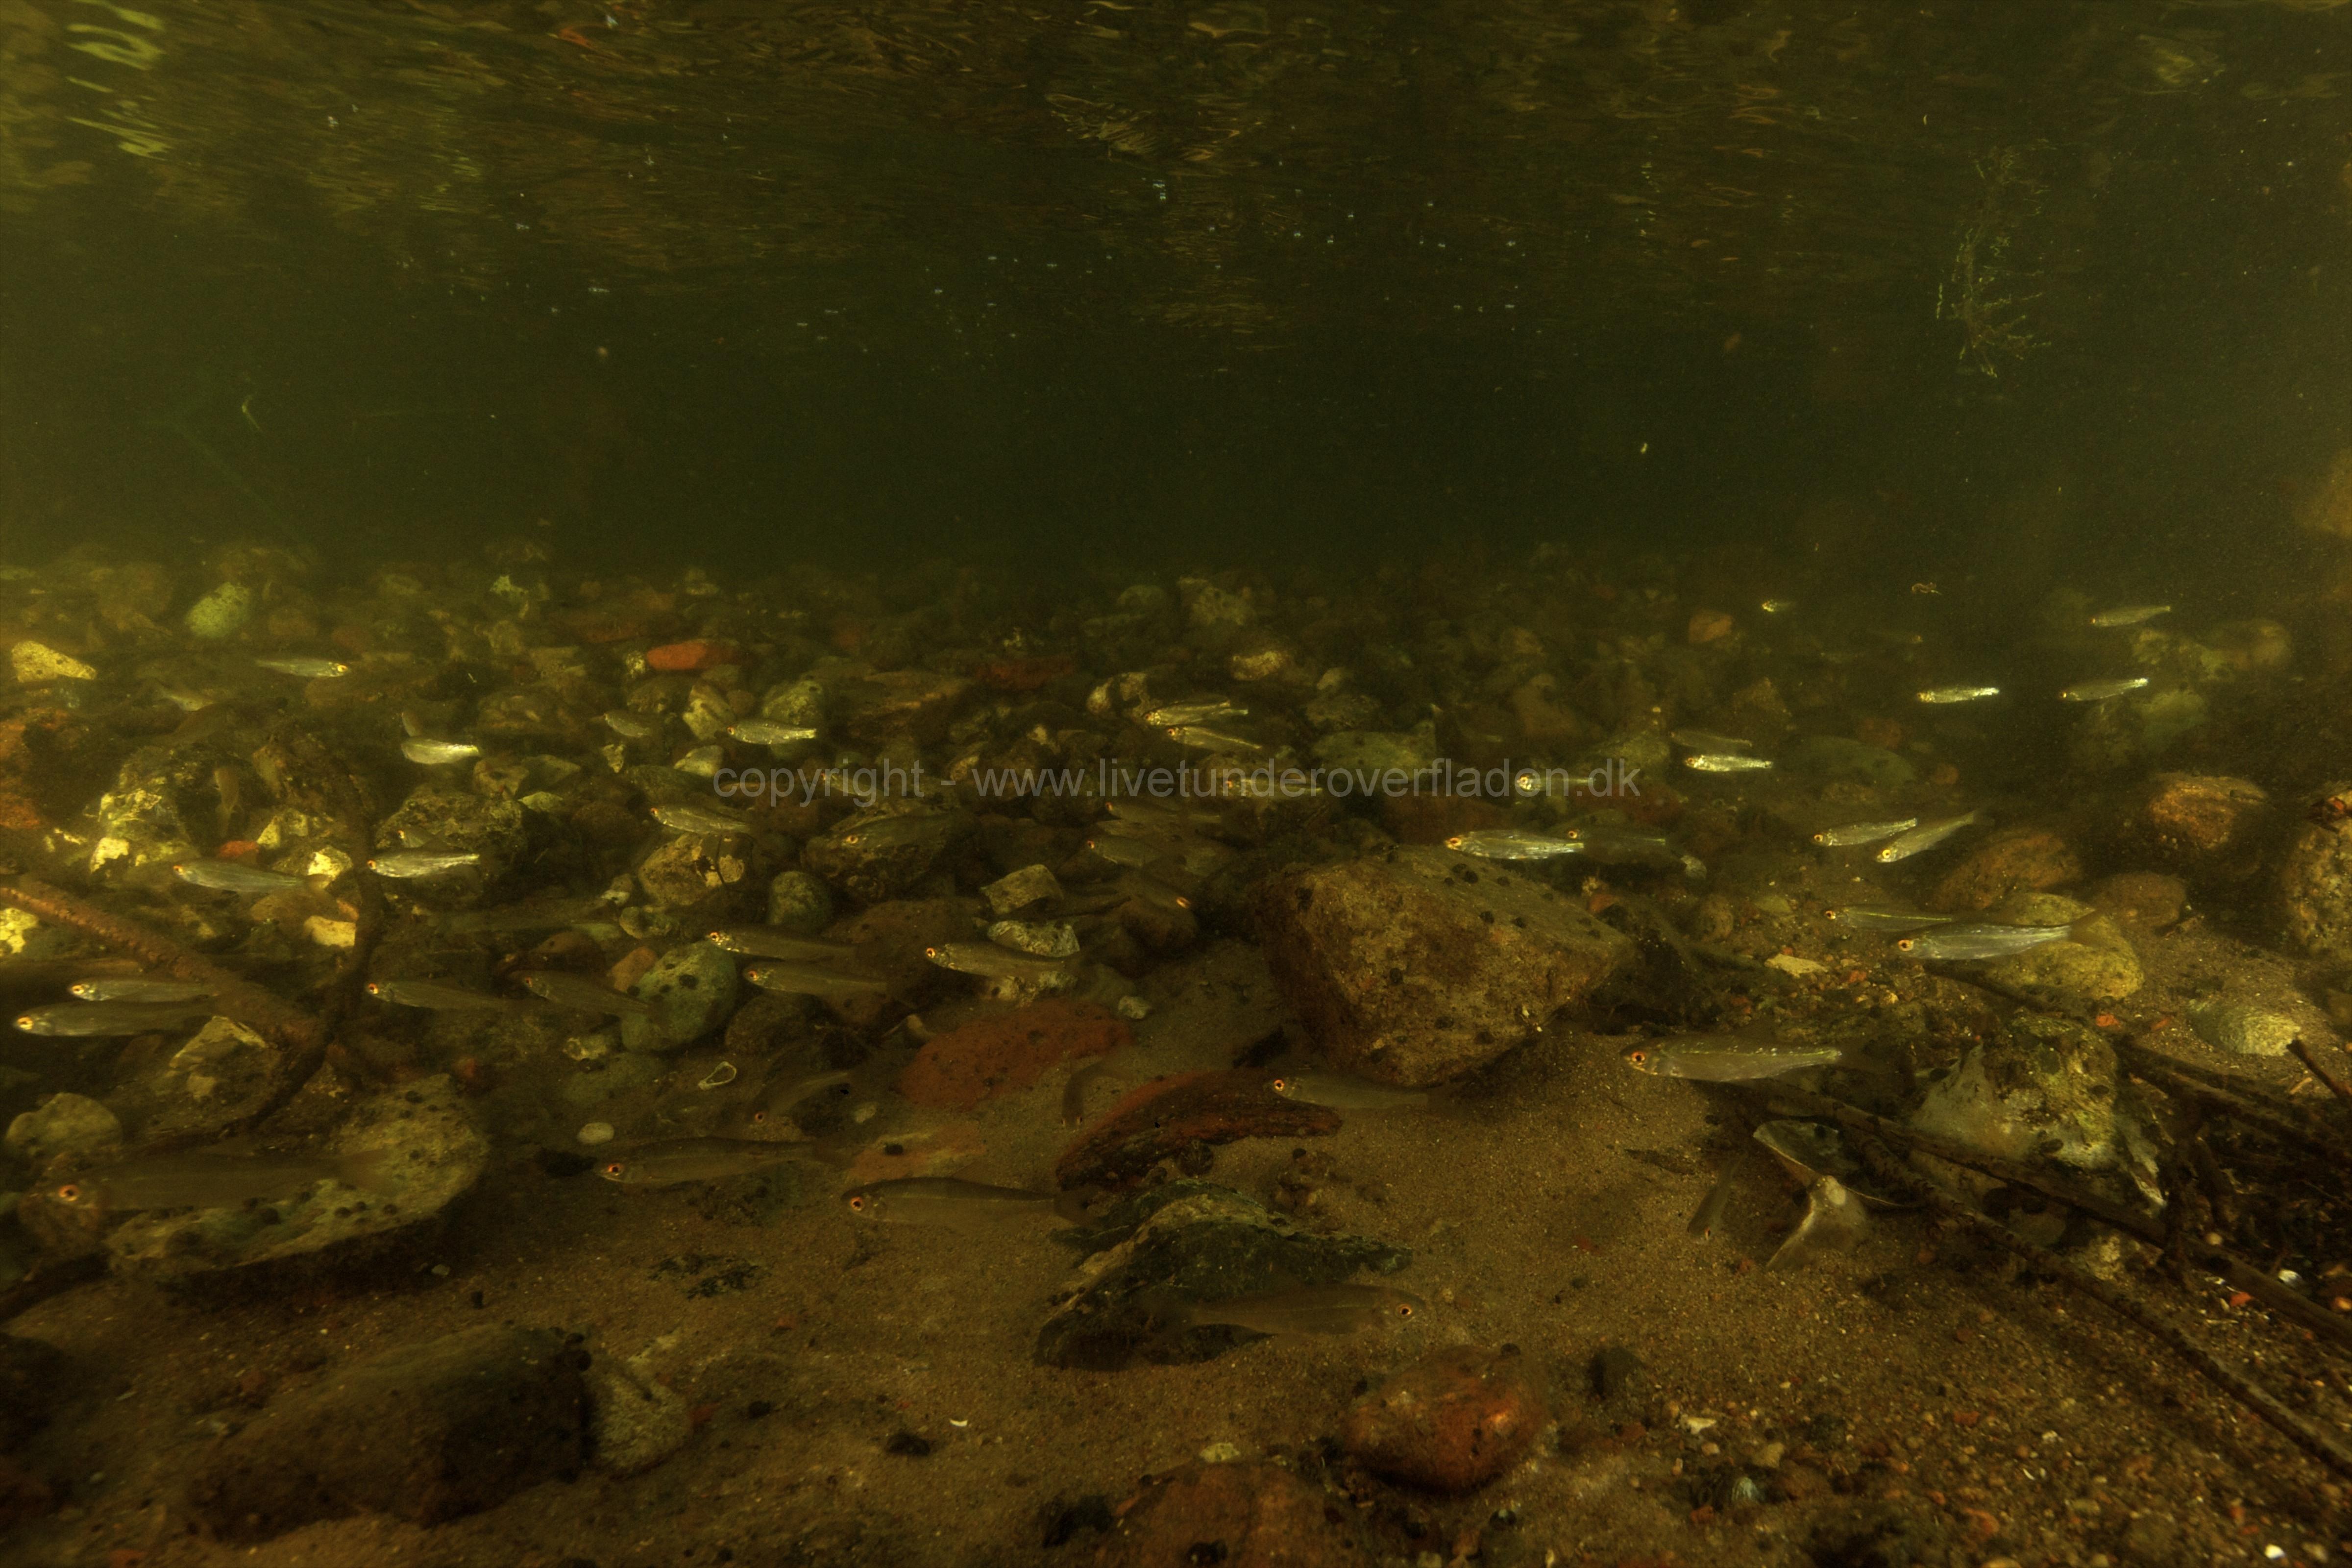 Freshwater habitat_Martin_Kielland 95